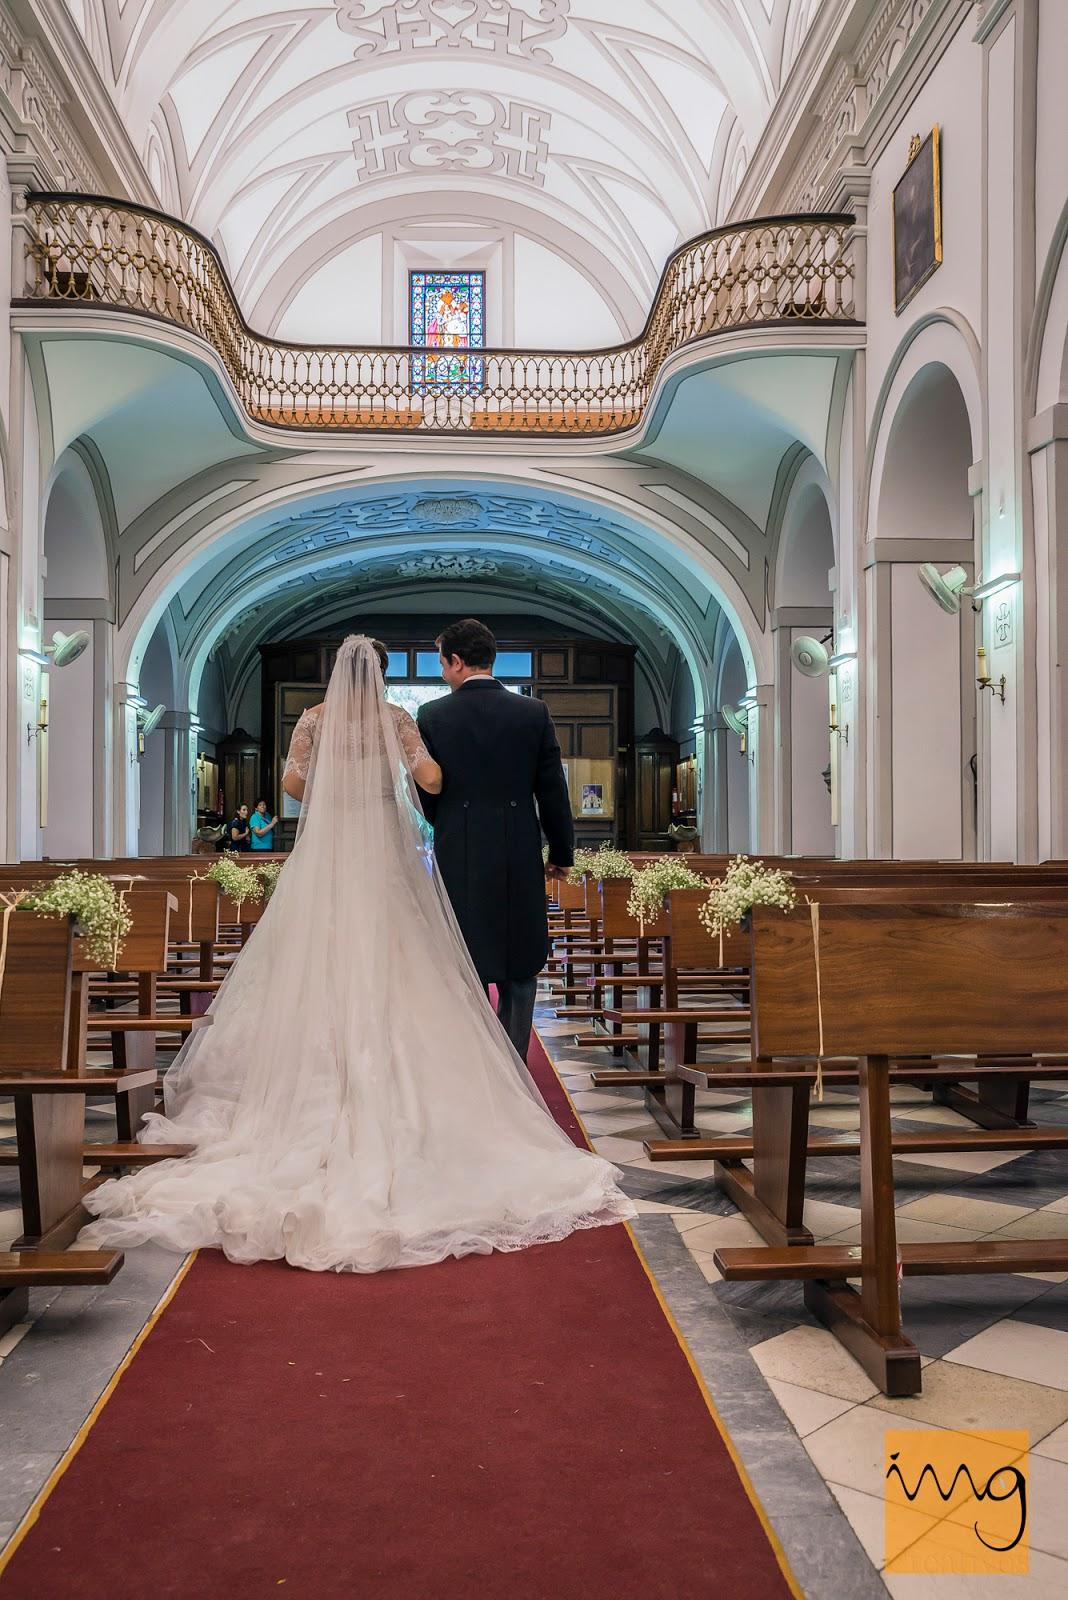 Fotografía de boda, saliendo de la iglesia